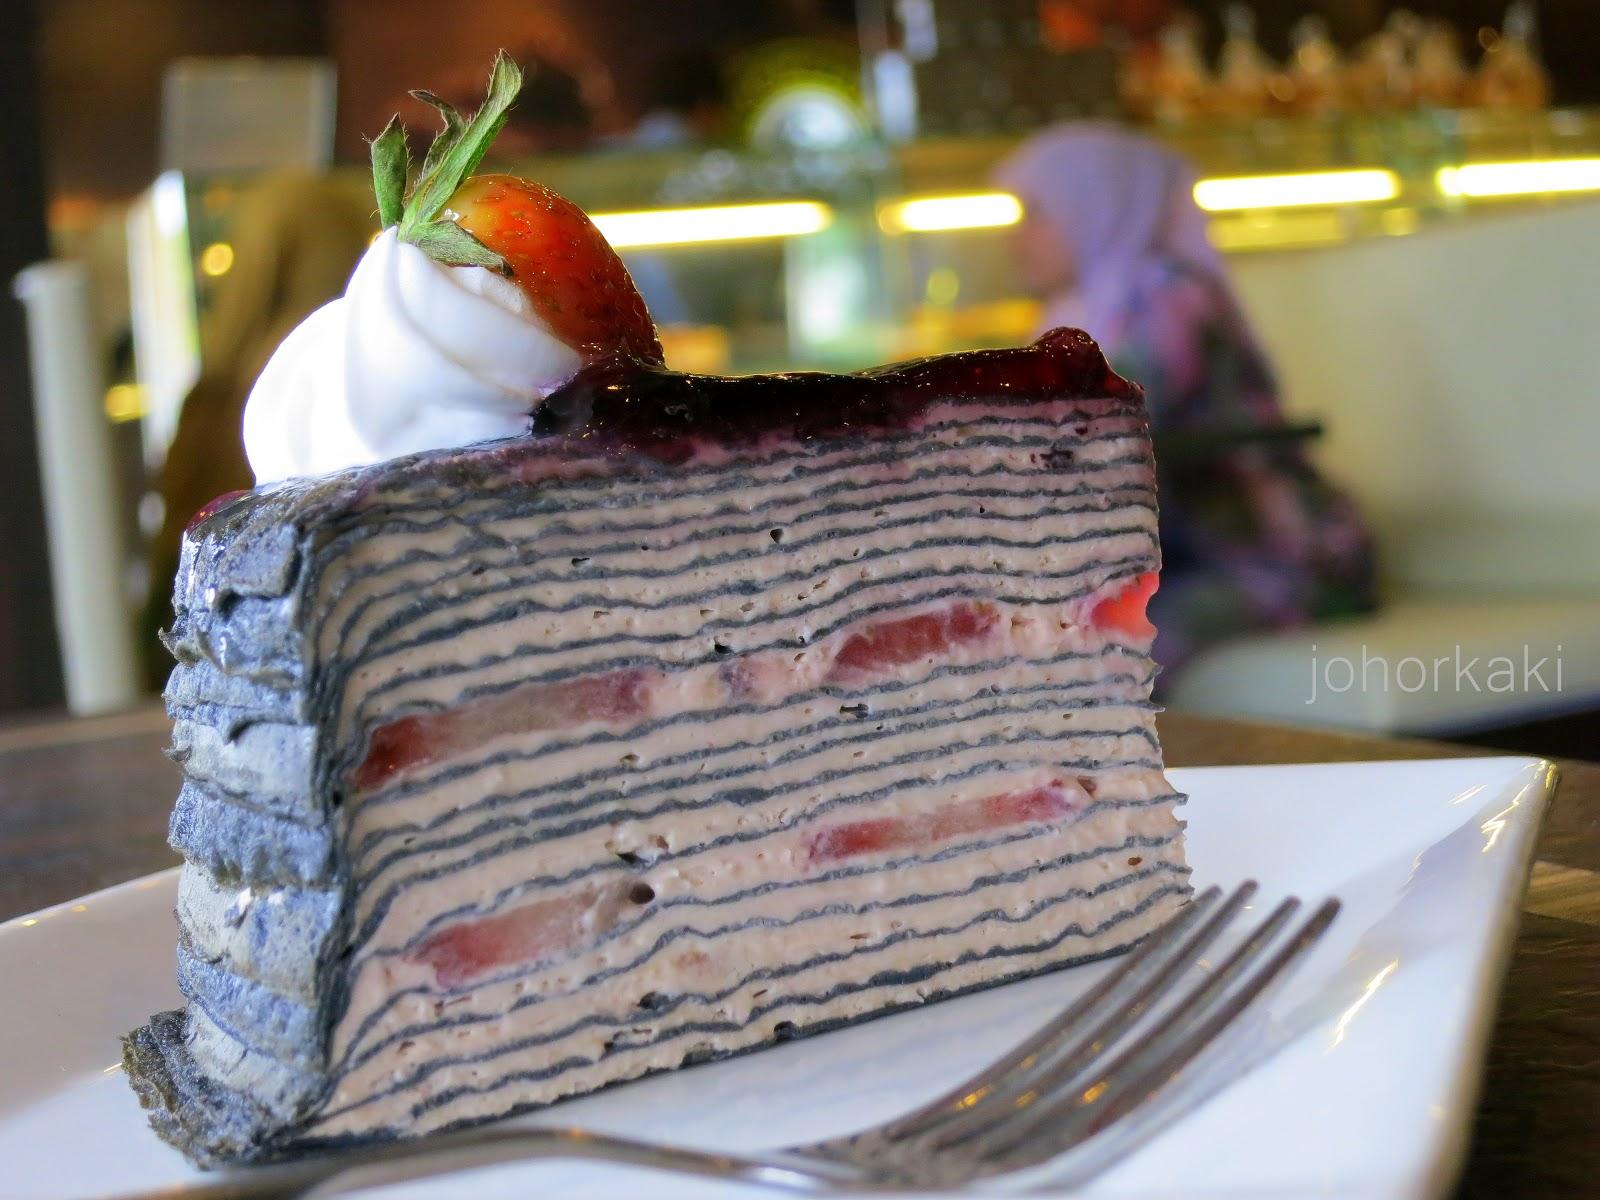 Moonlight Cake House At Bukit Indah Johor Bahru Johor Kaki Travels